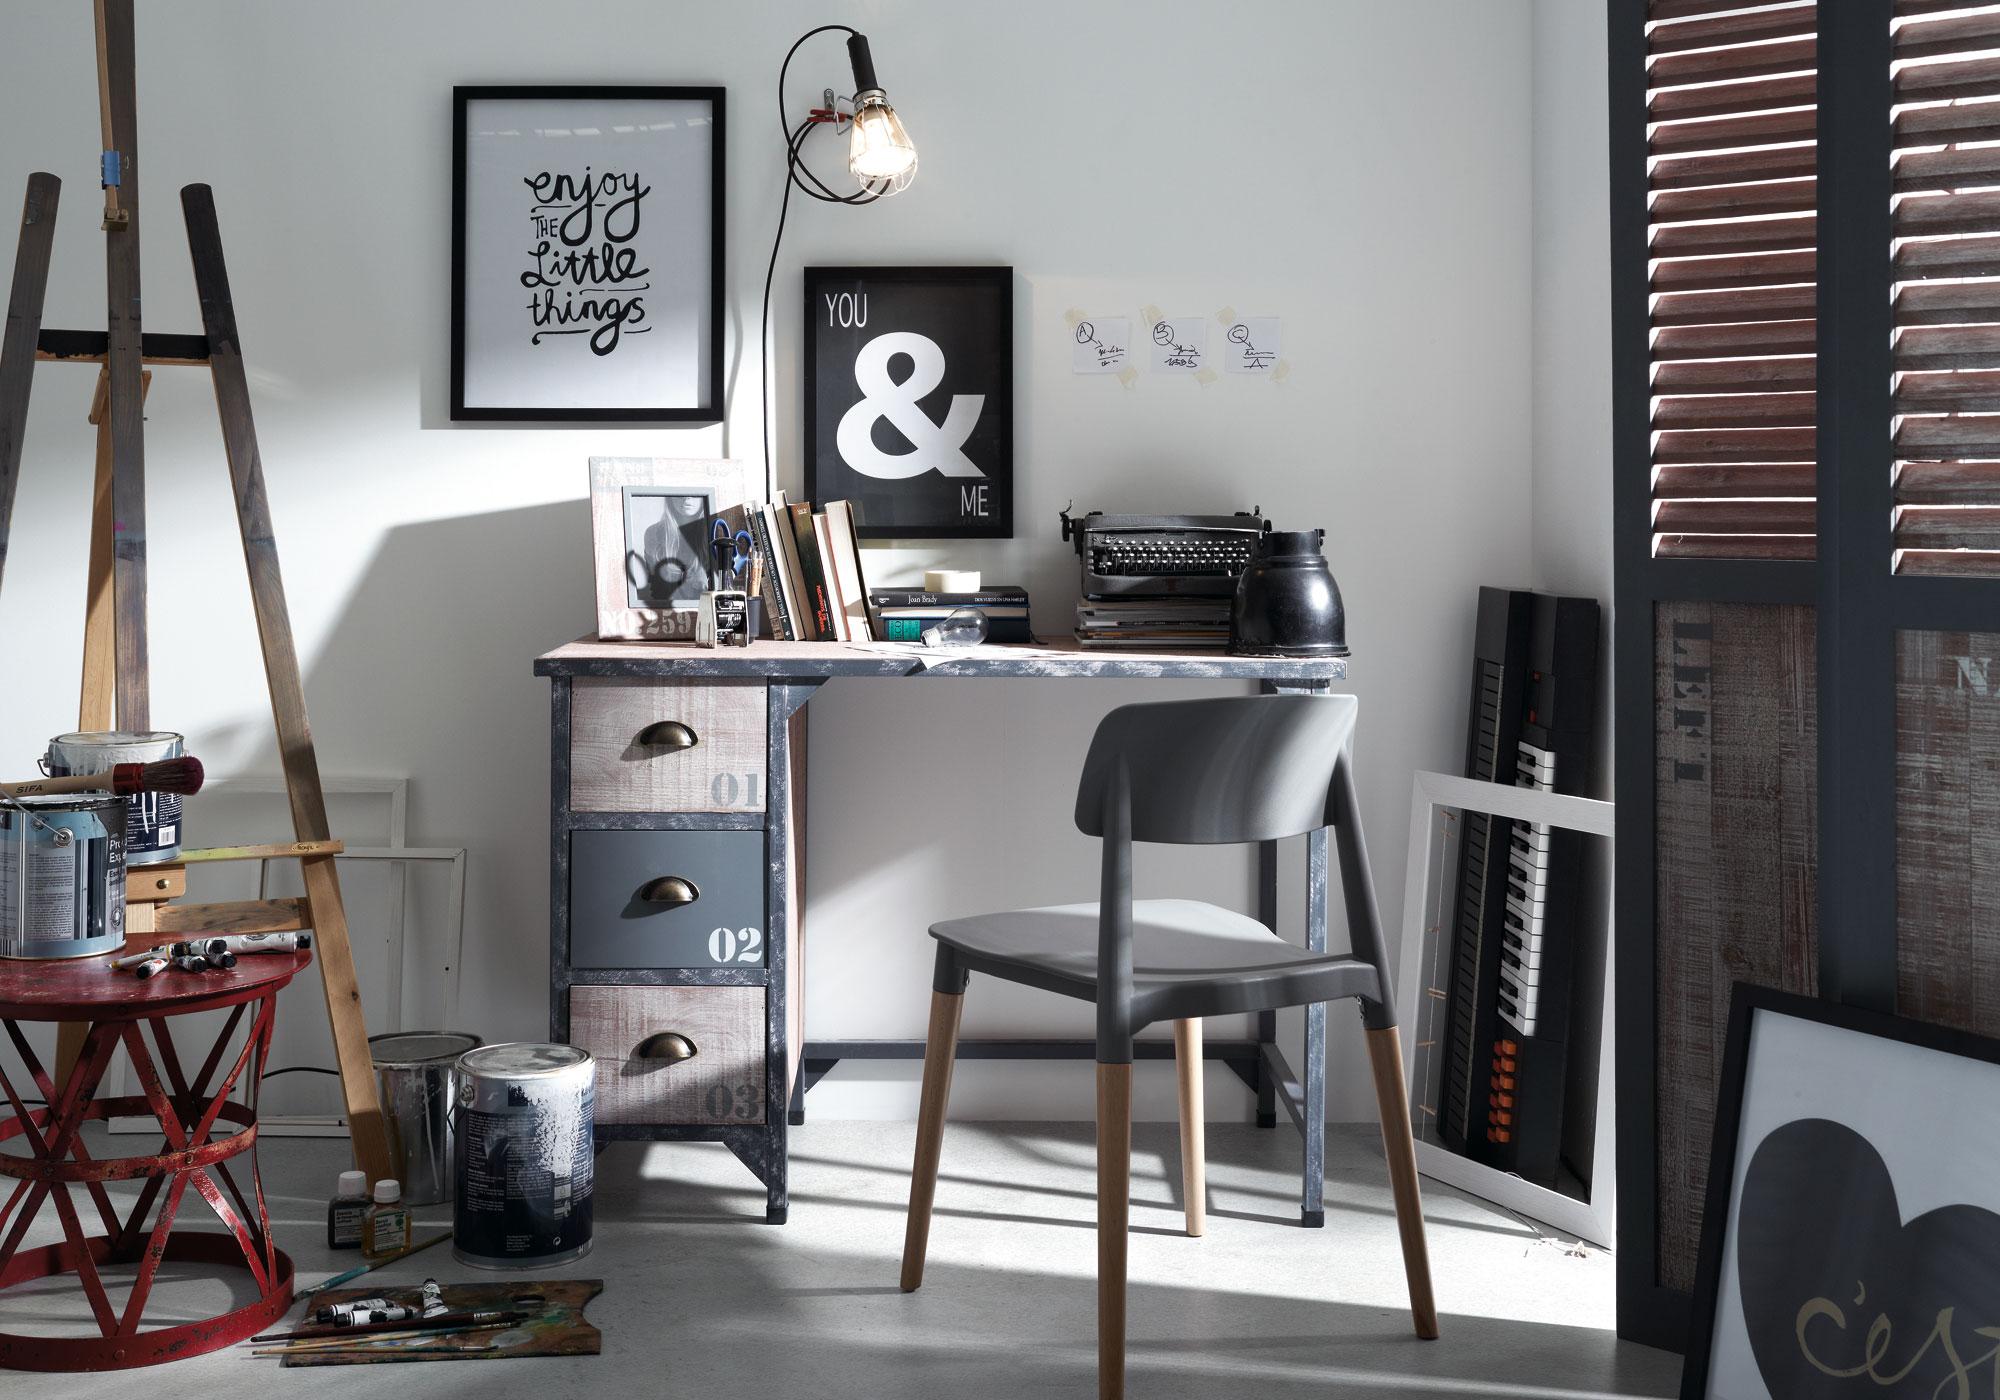 Muebles de estilo industrial vintage35 revista muebles for Muebles diseno industrial vintage